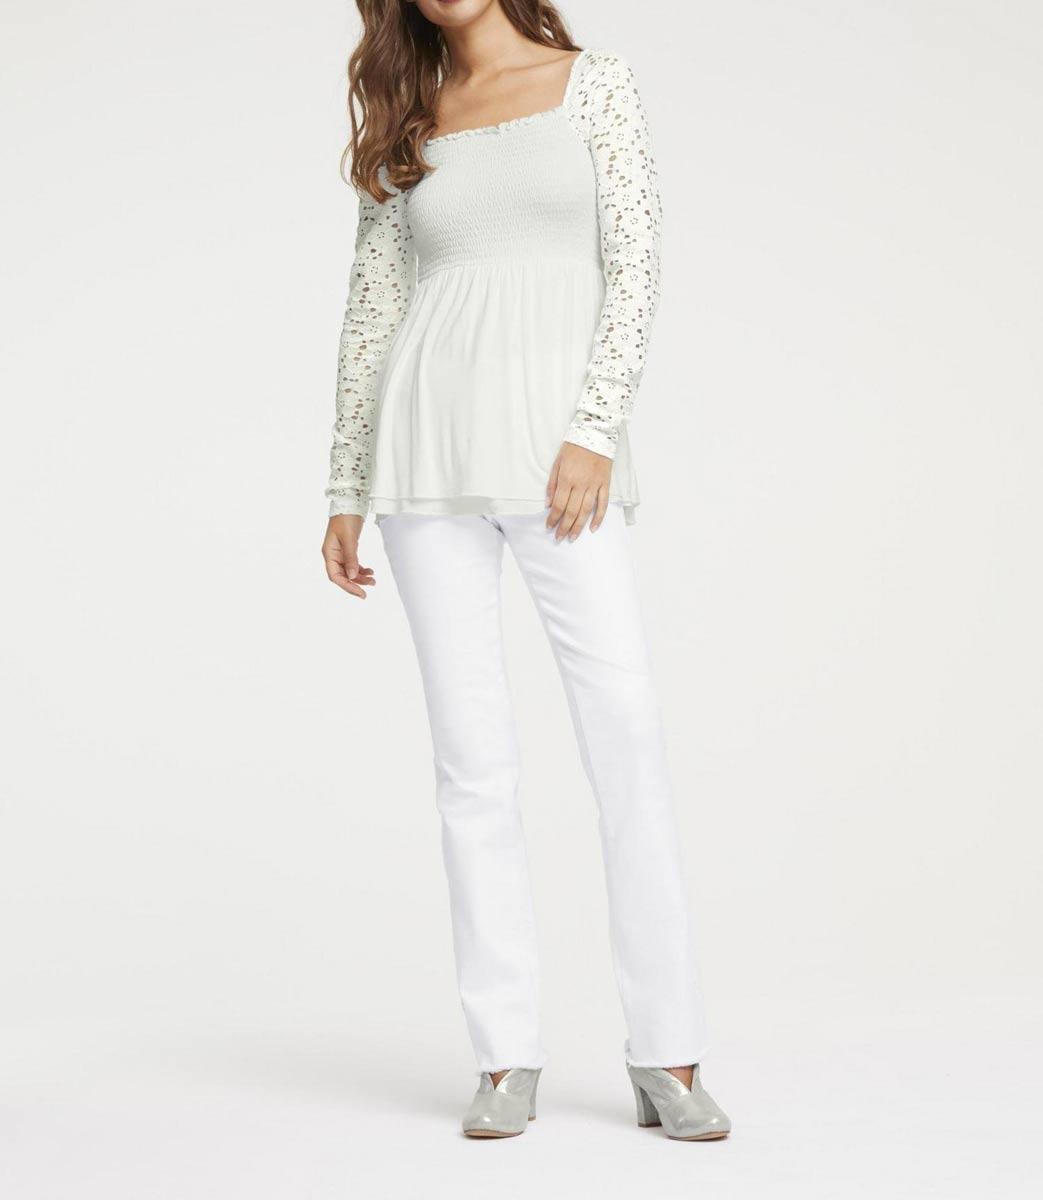 600.207 Spitzen-Jerseyshirt, offwhite von HEINE Grösse 44